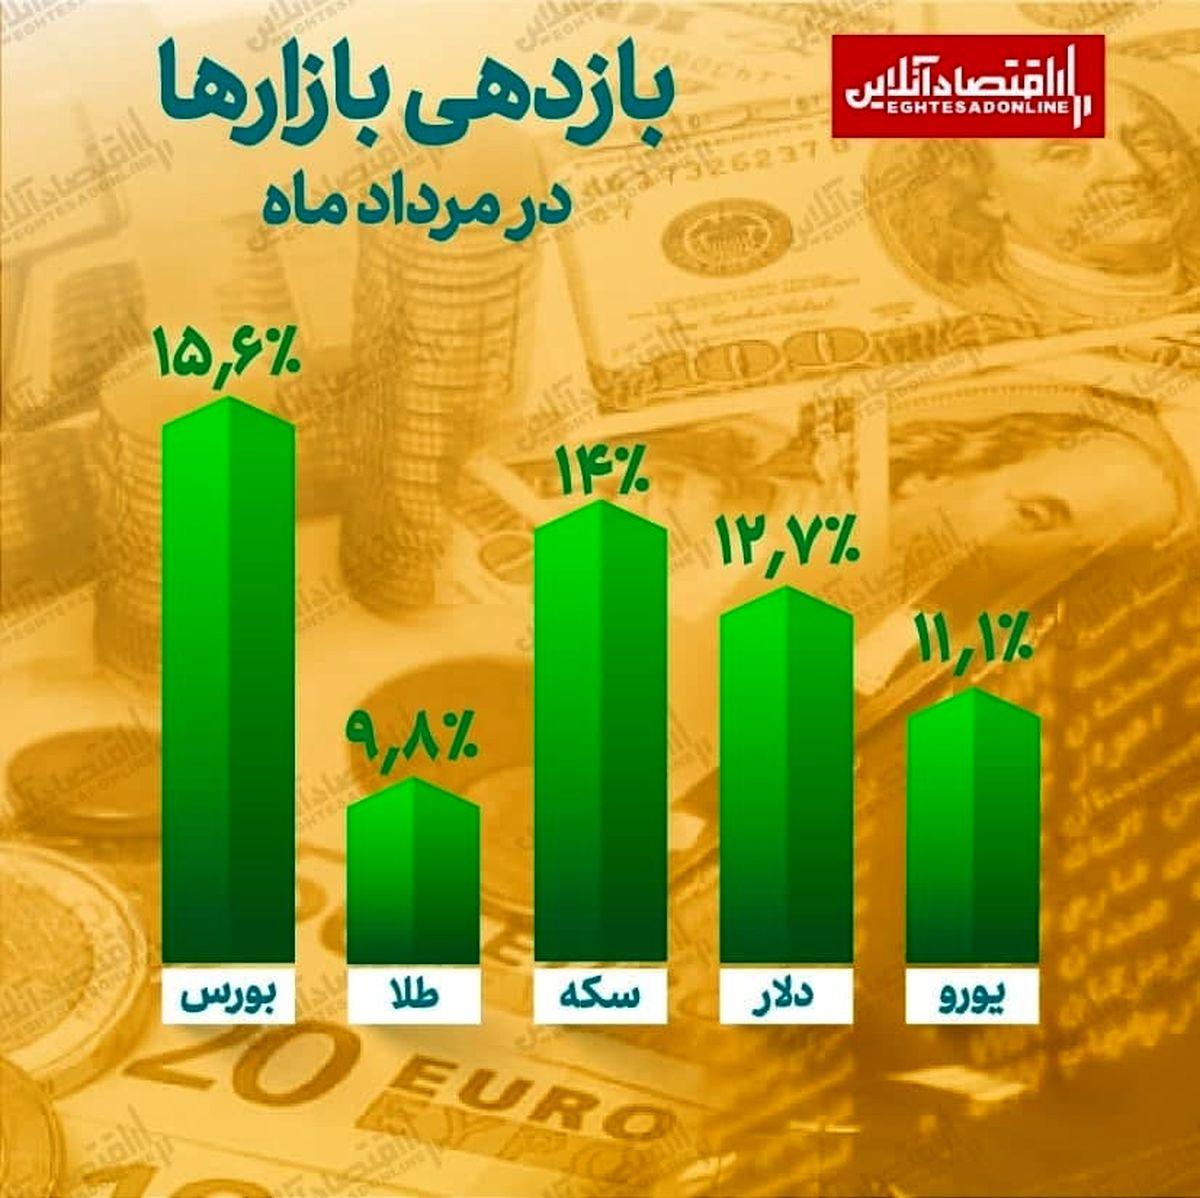 در مرداد ماه کدام بازار بازدهی بیشتری داشت؟ / کمترین سود نصیب خریداران طلا و یورو شد